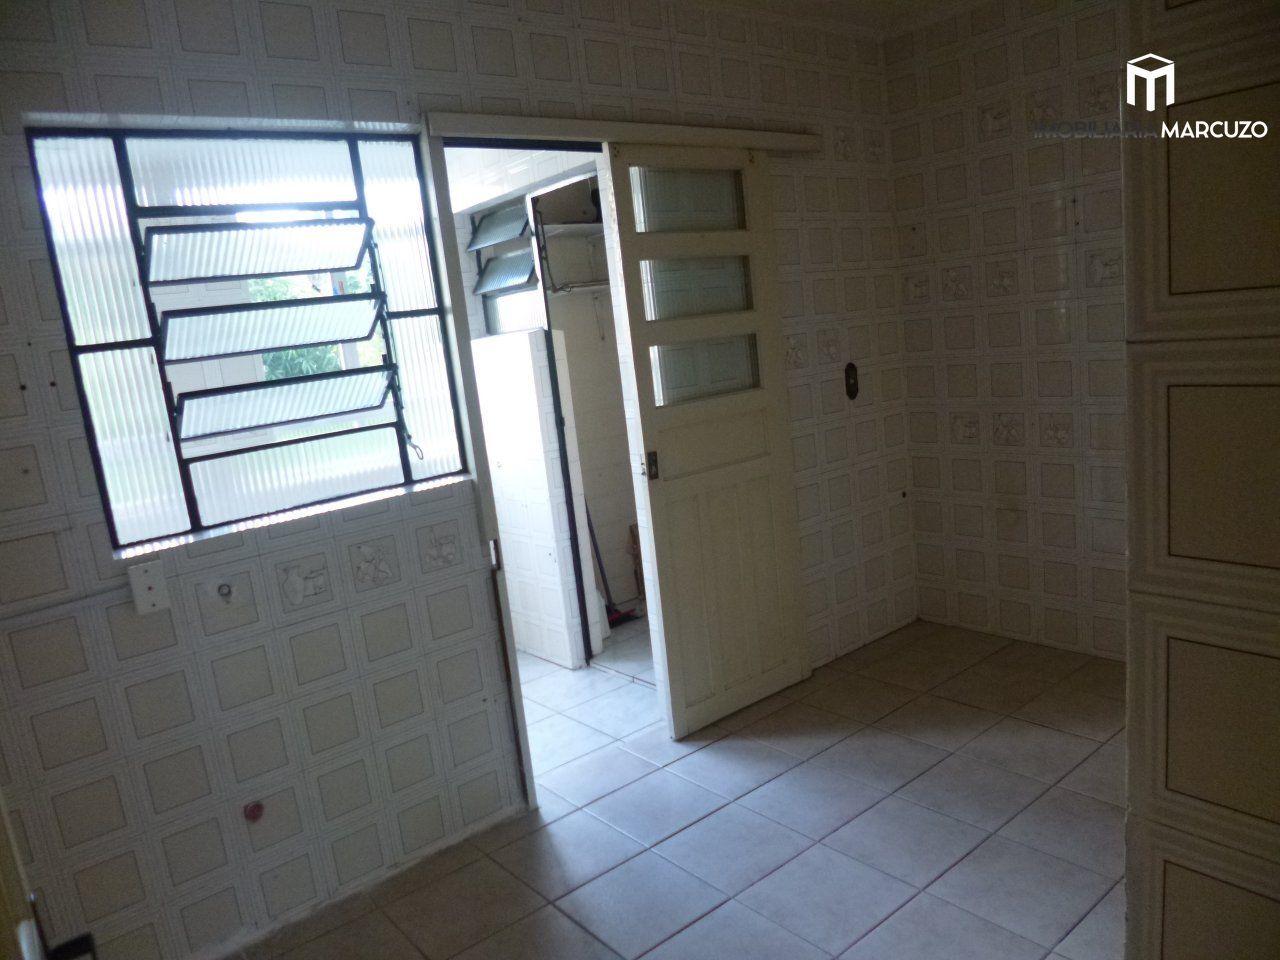 Apartamento com 4 Dormitórios à venda, 136 m² por R$ 380.000,00